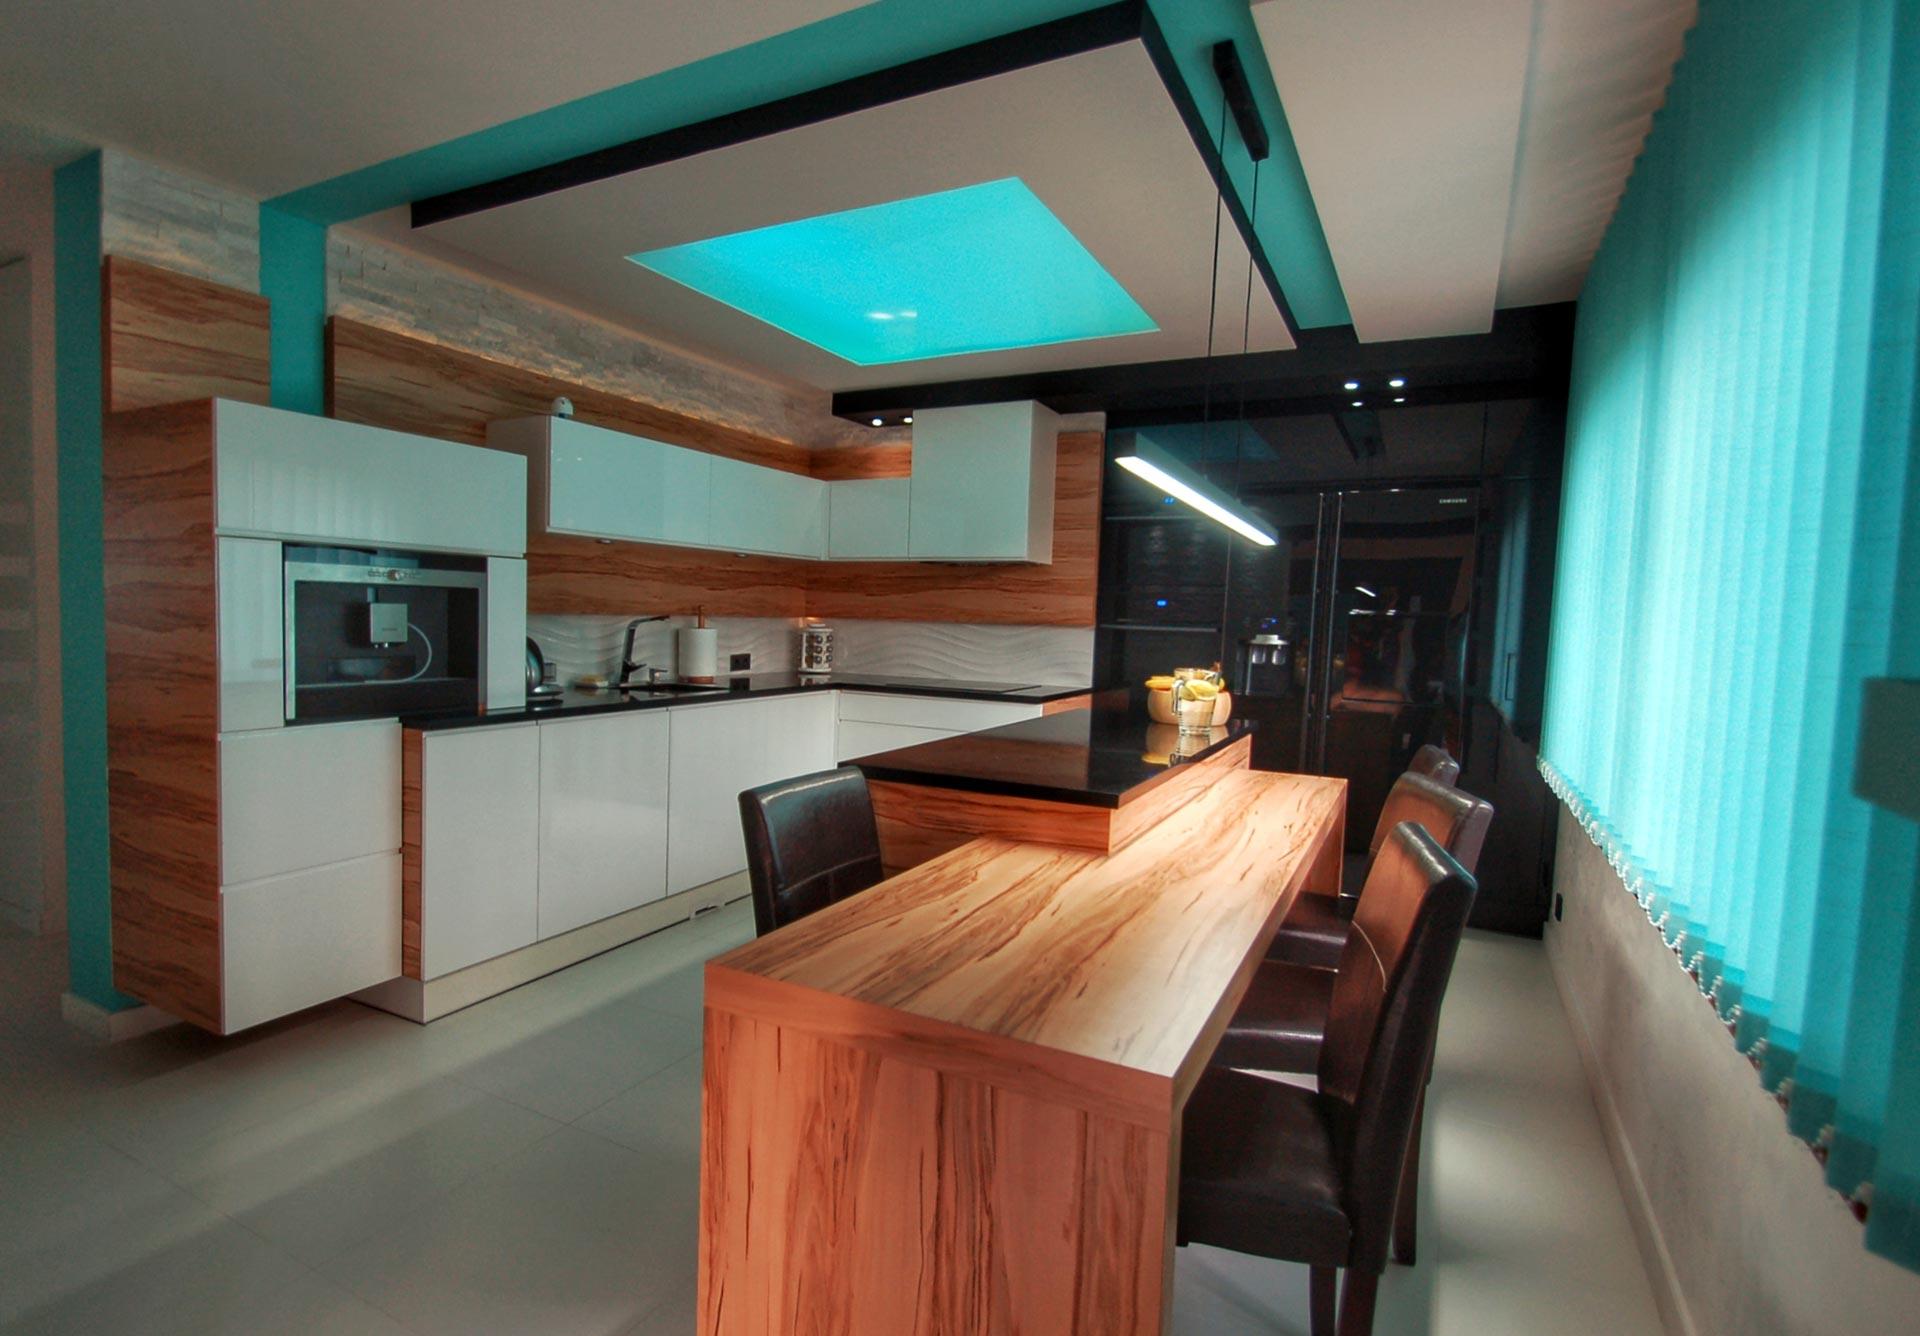 nowoczesna kuchnia w drewnie i bieli